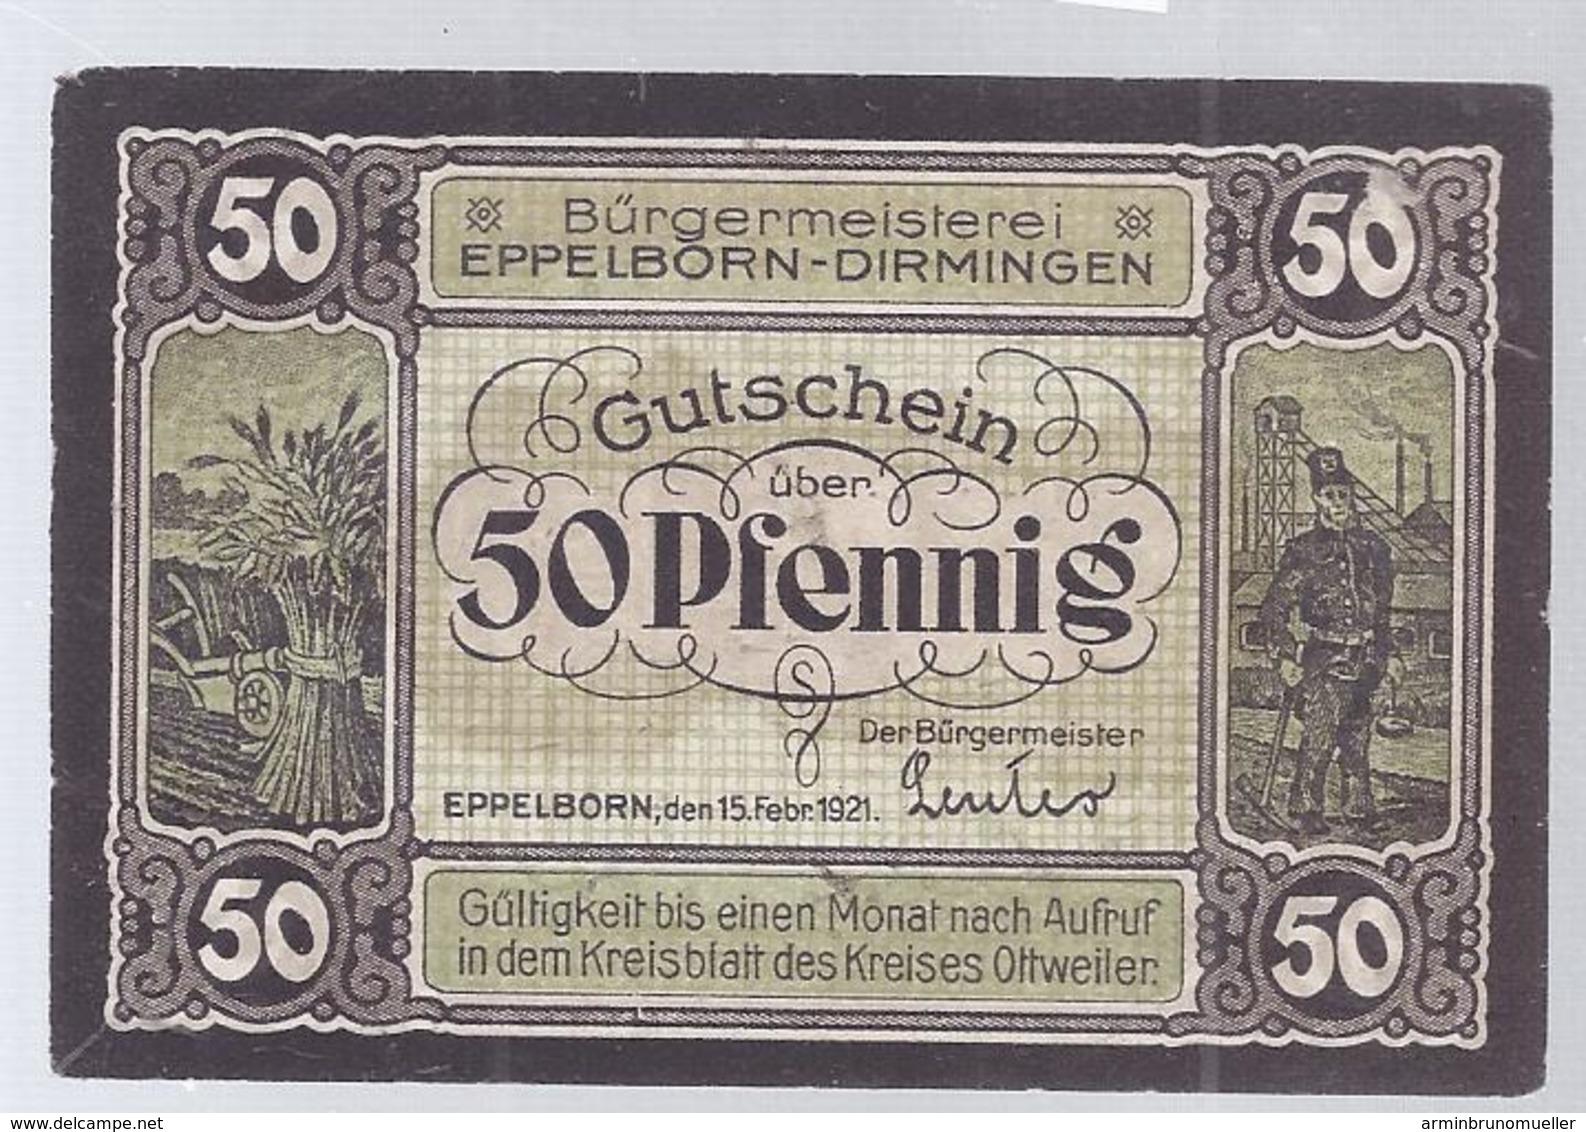 Eppelborn Dirmingen - 50 Pfennig - 1921  1970-  AK 11.817 - [ 8] Saarland